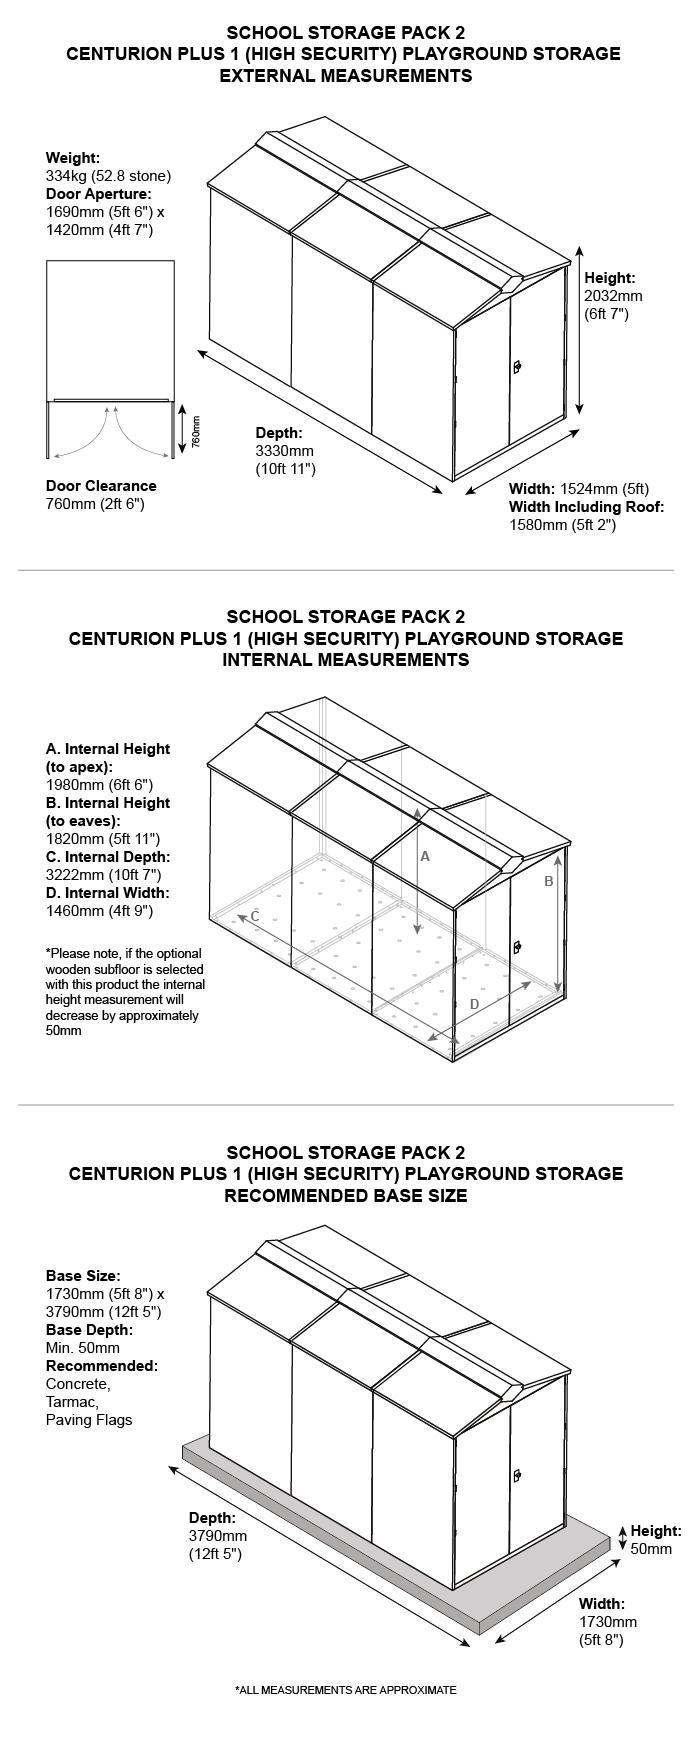 School Storage Pack 2 Dimensions